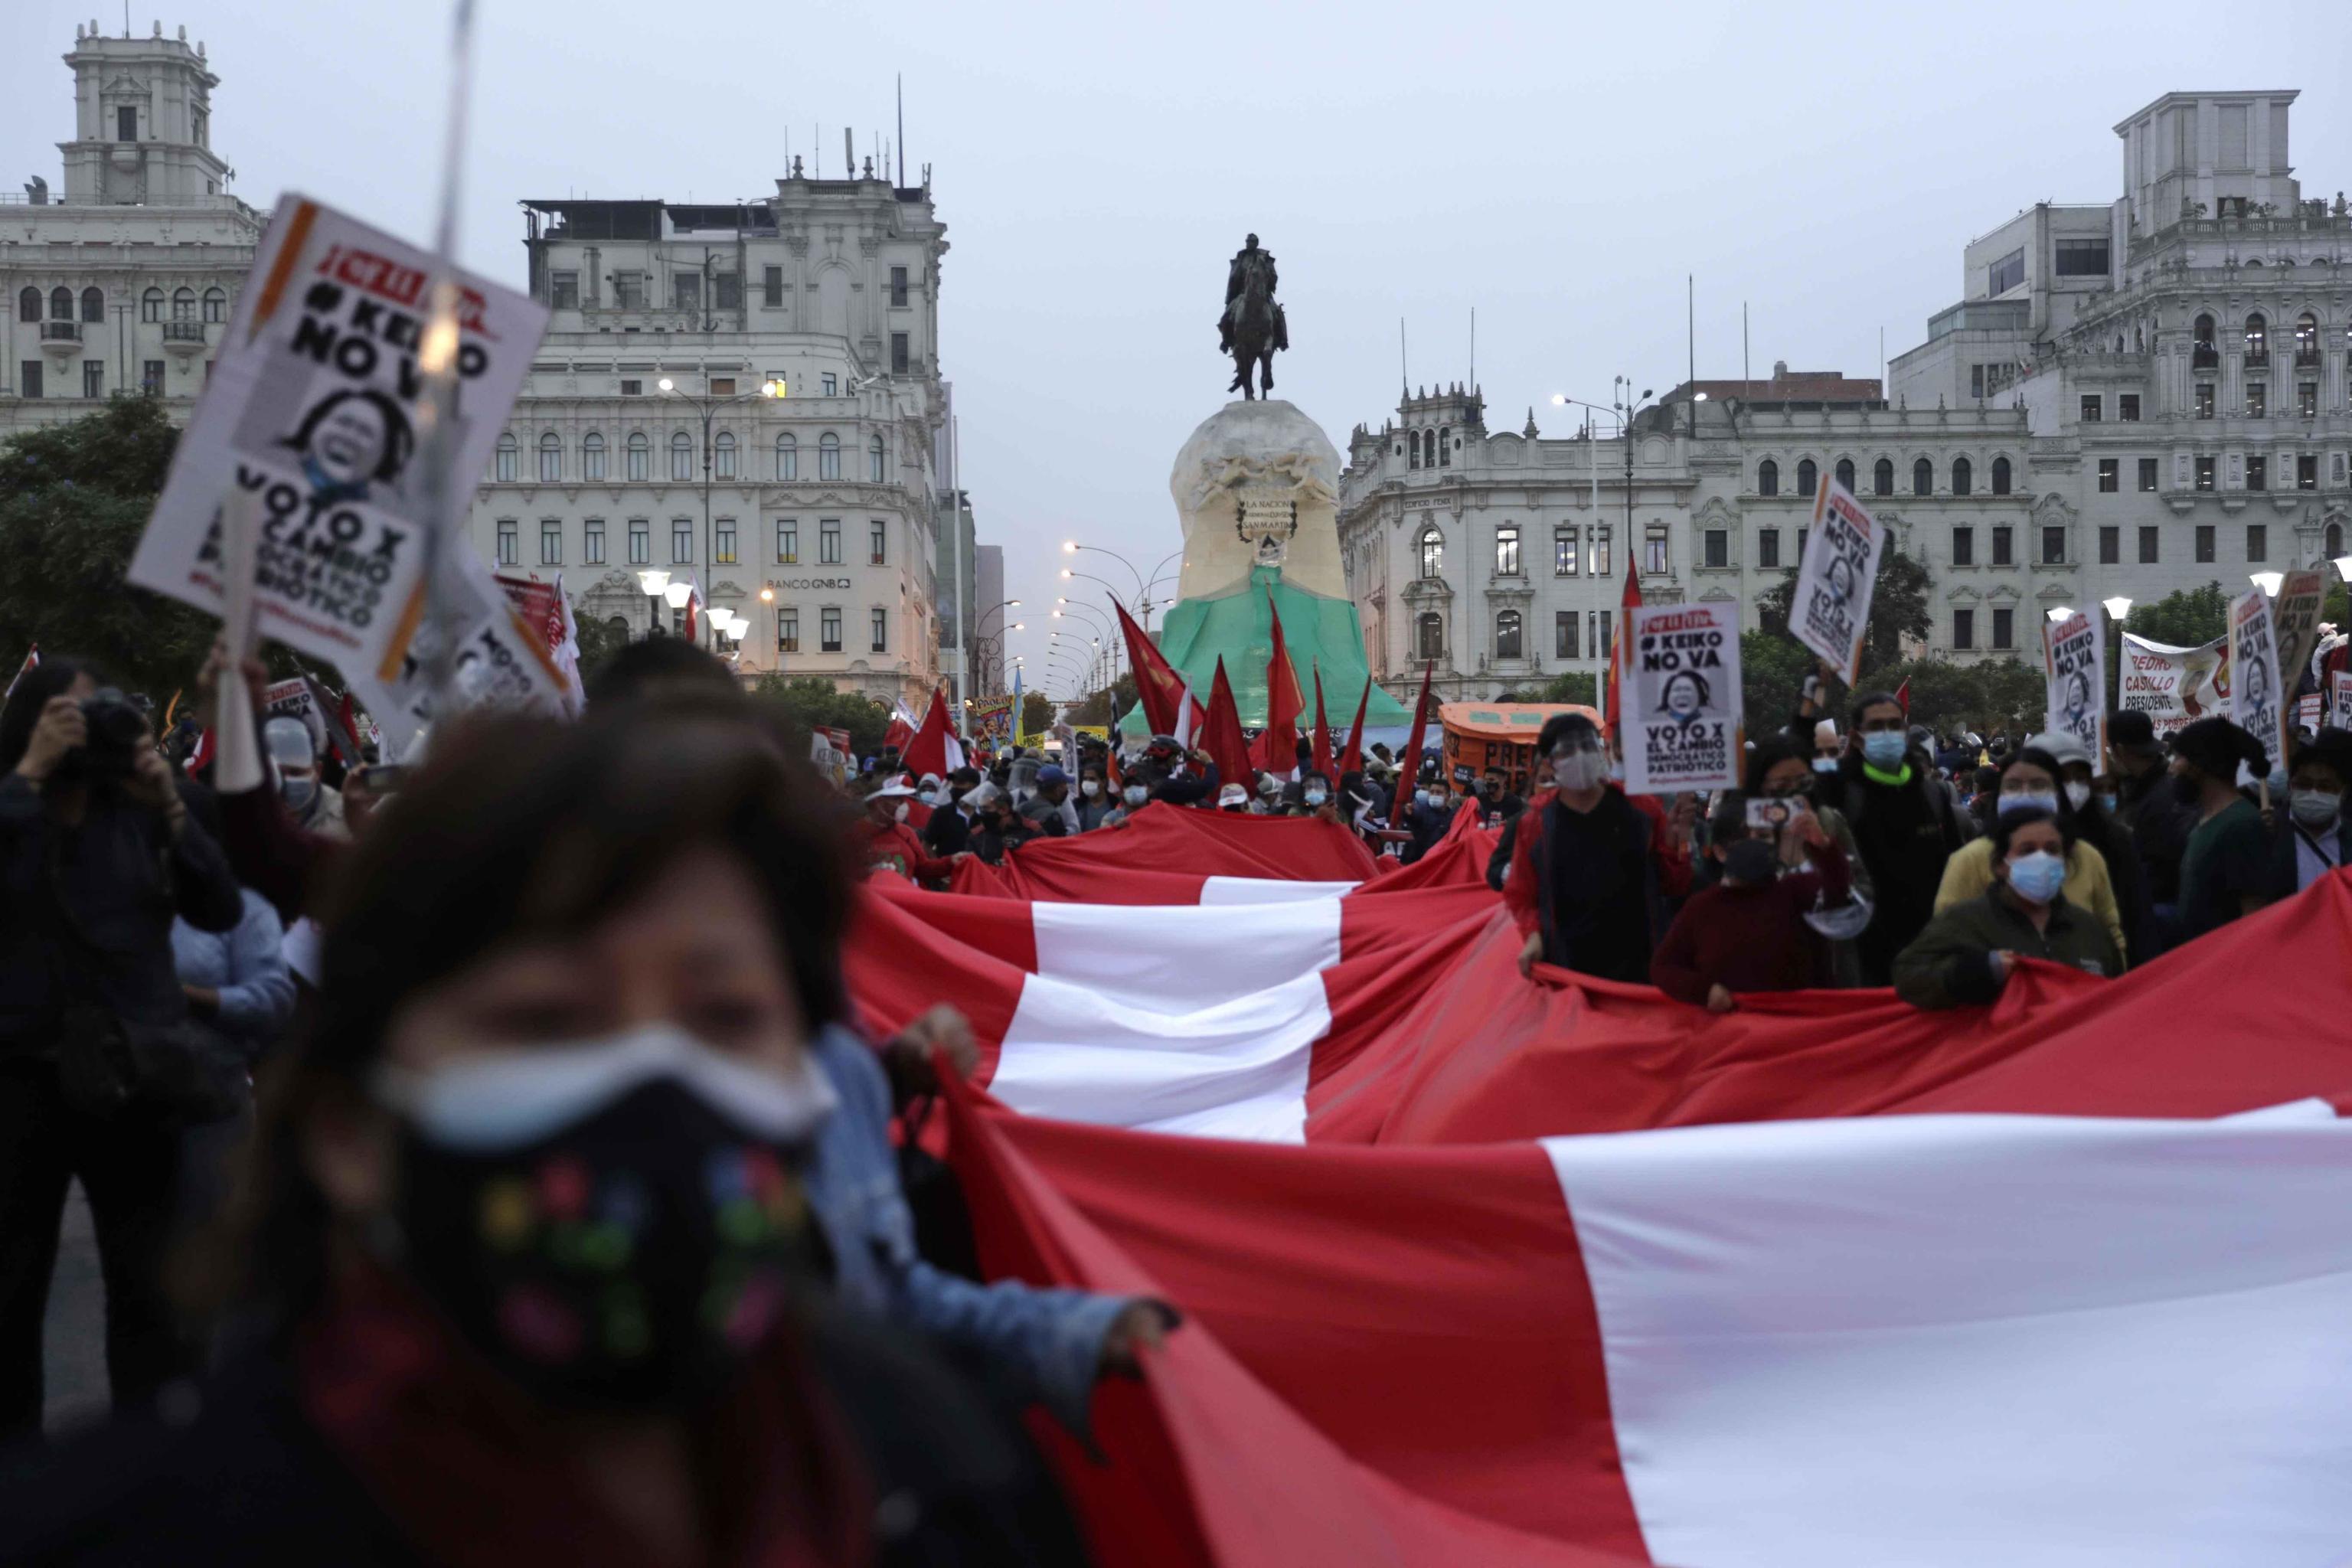 راهپیمایی علیه کیکو فوجیموری ، نامزد جناح راست ریاست جمهوری در لیما.